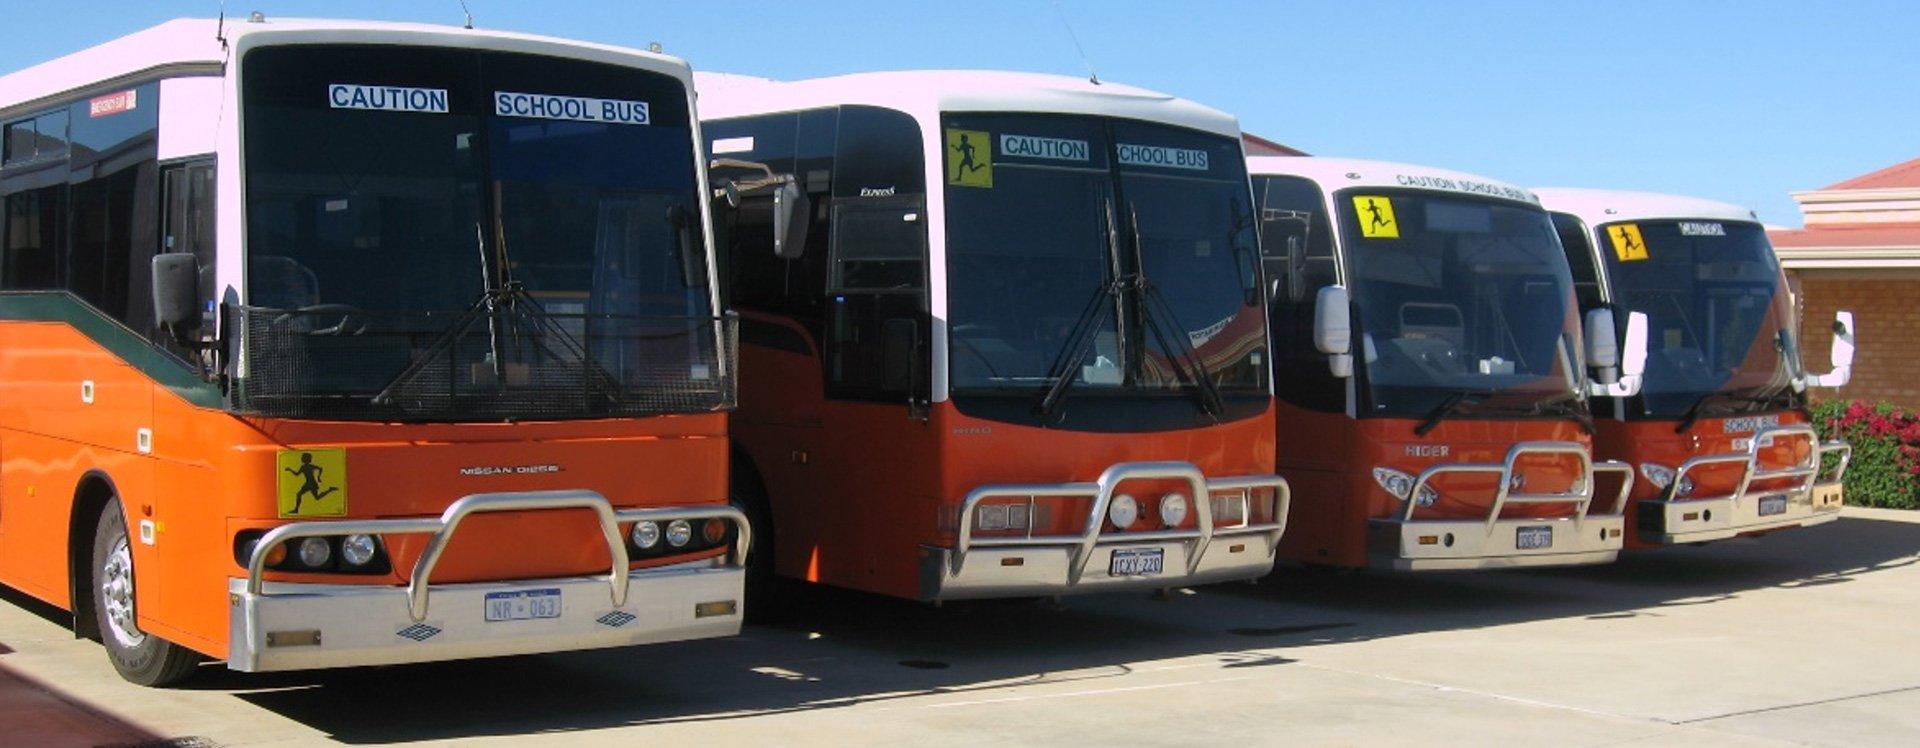 Geraldton School Bus Services